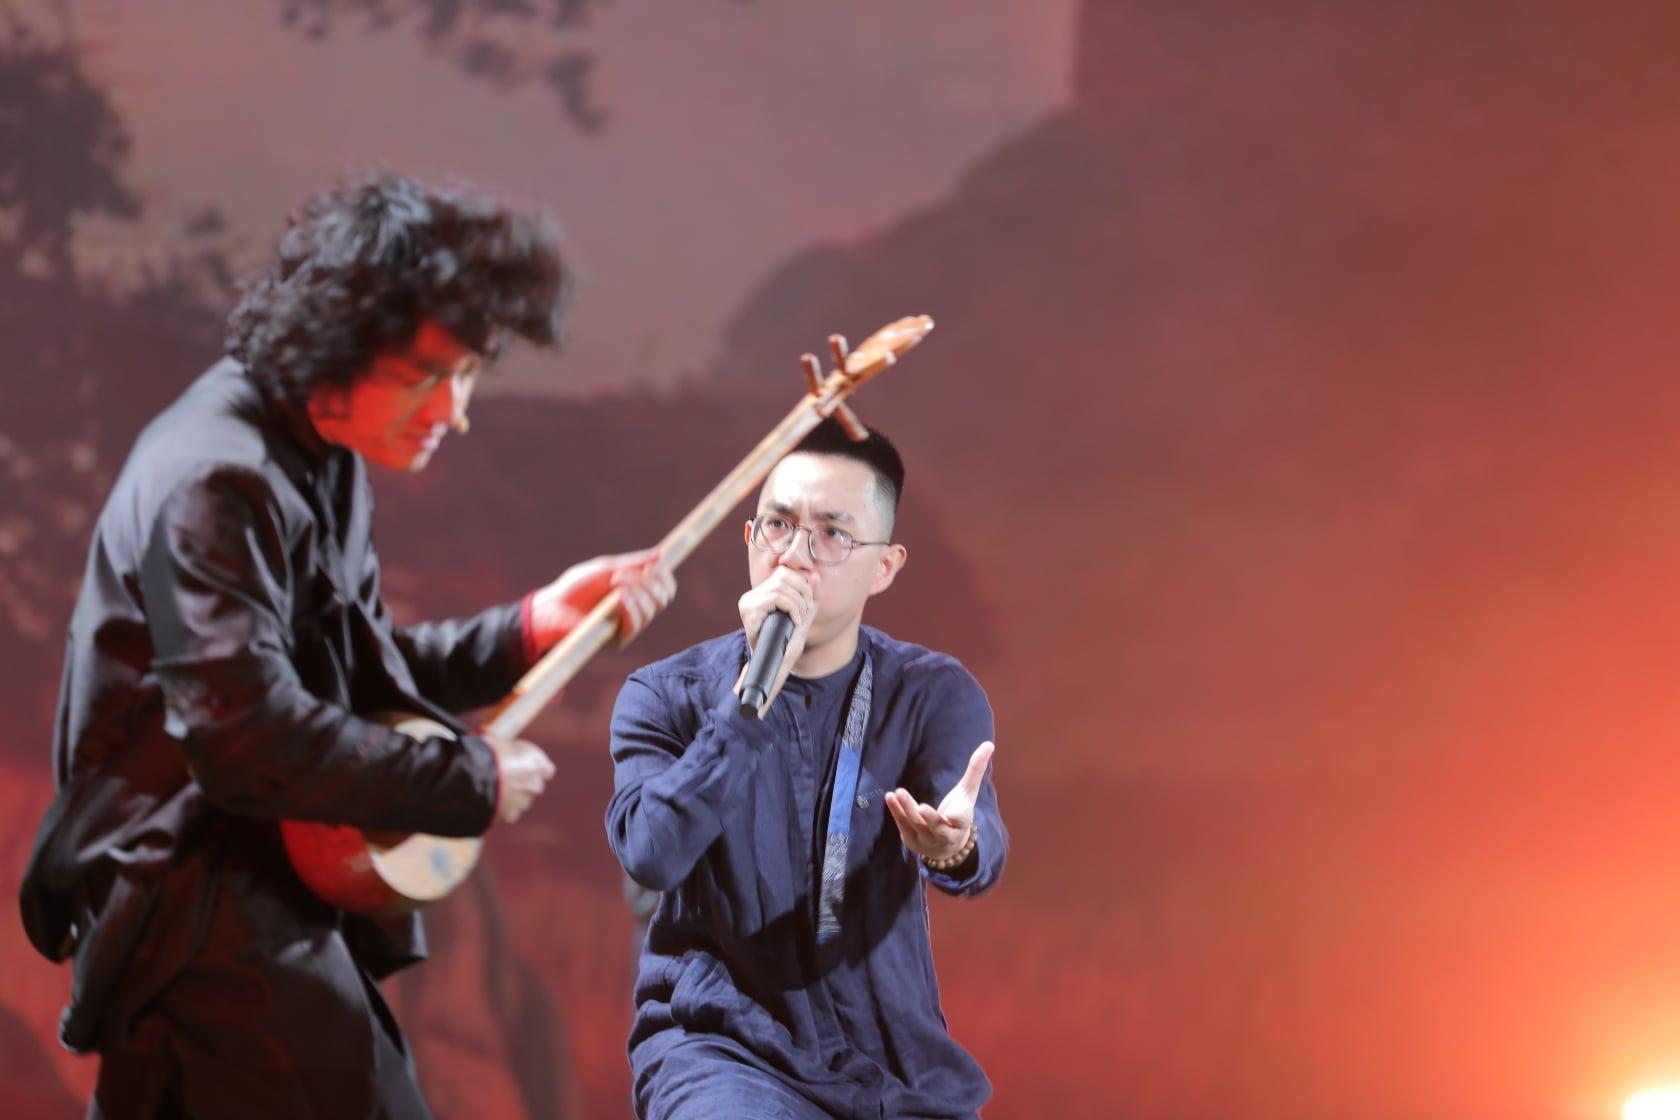 VTV true Concert 2021: Khúc hoan ca vĩnh cửu của Nước và Mẹ Thiên nhiên 3